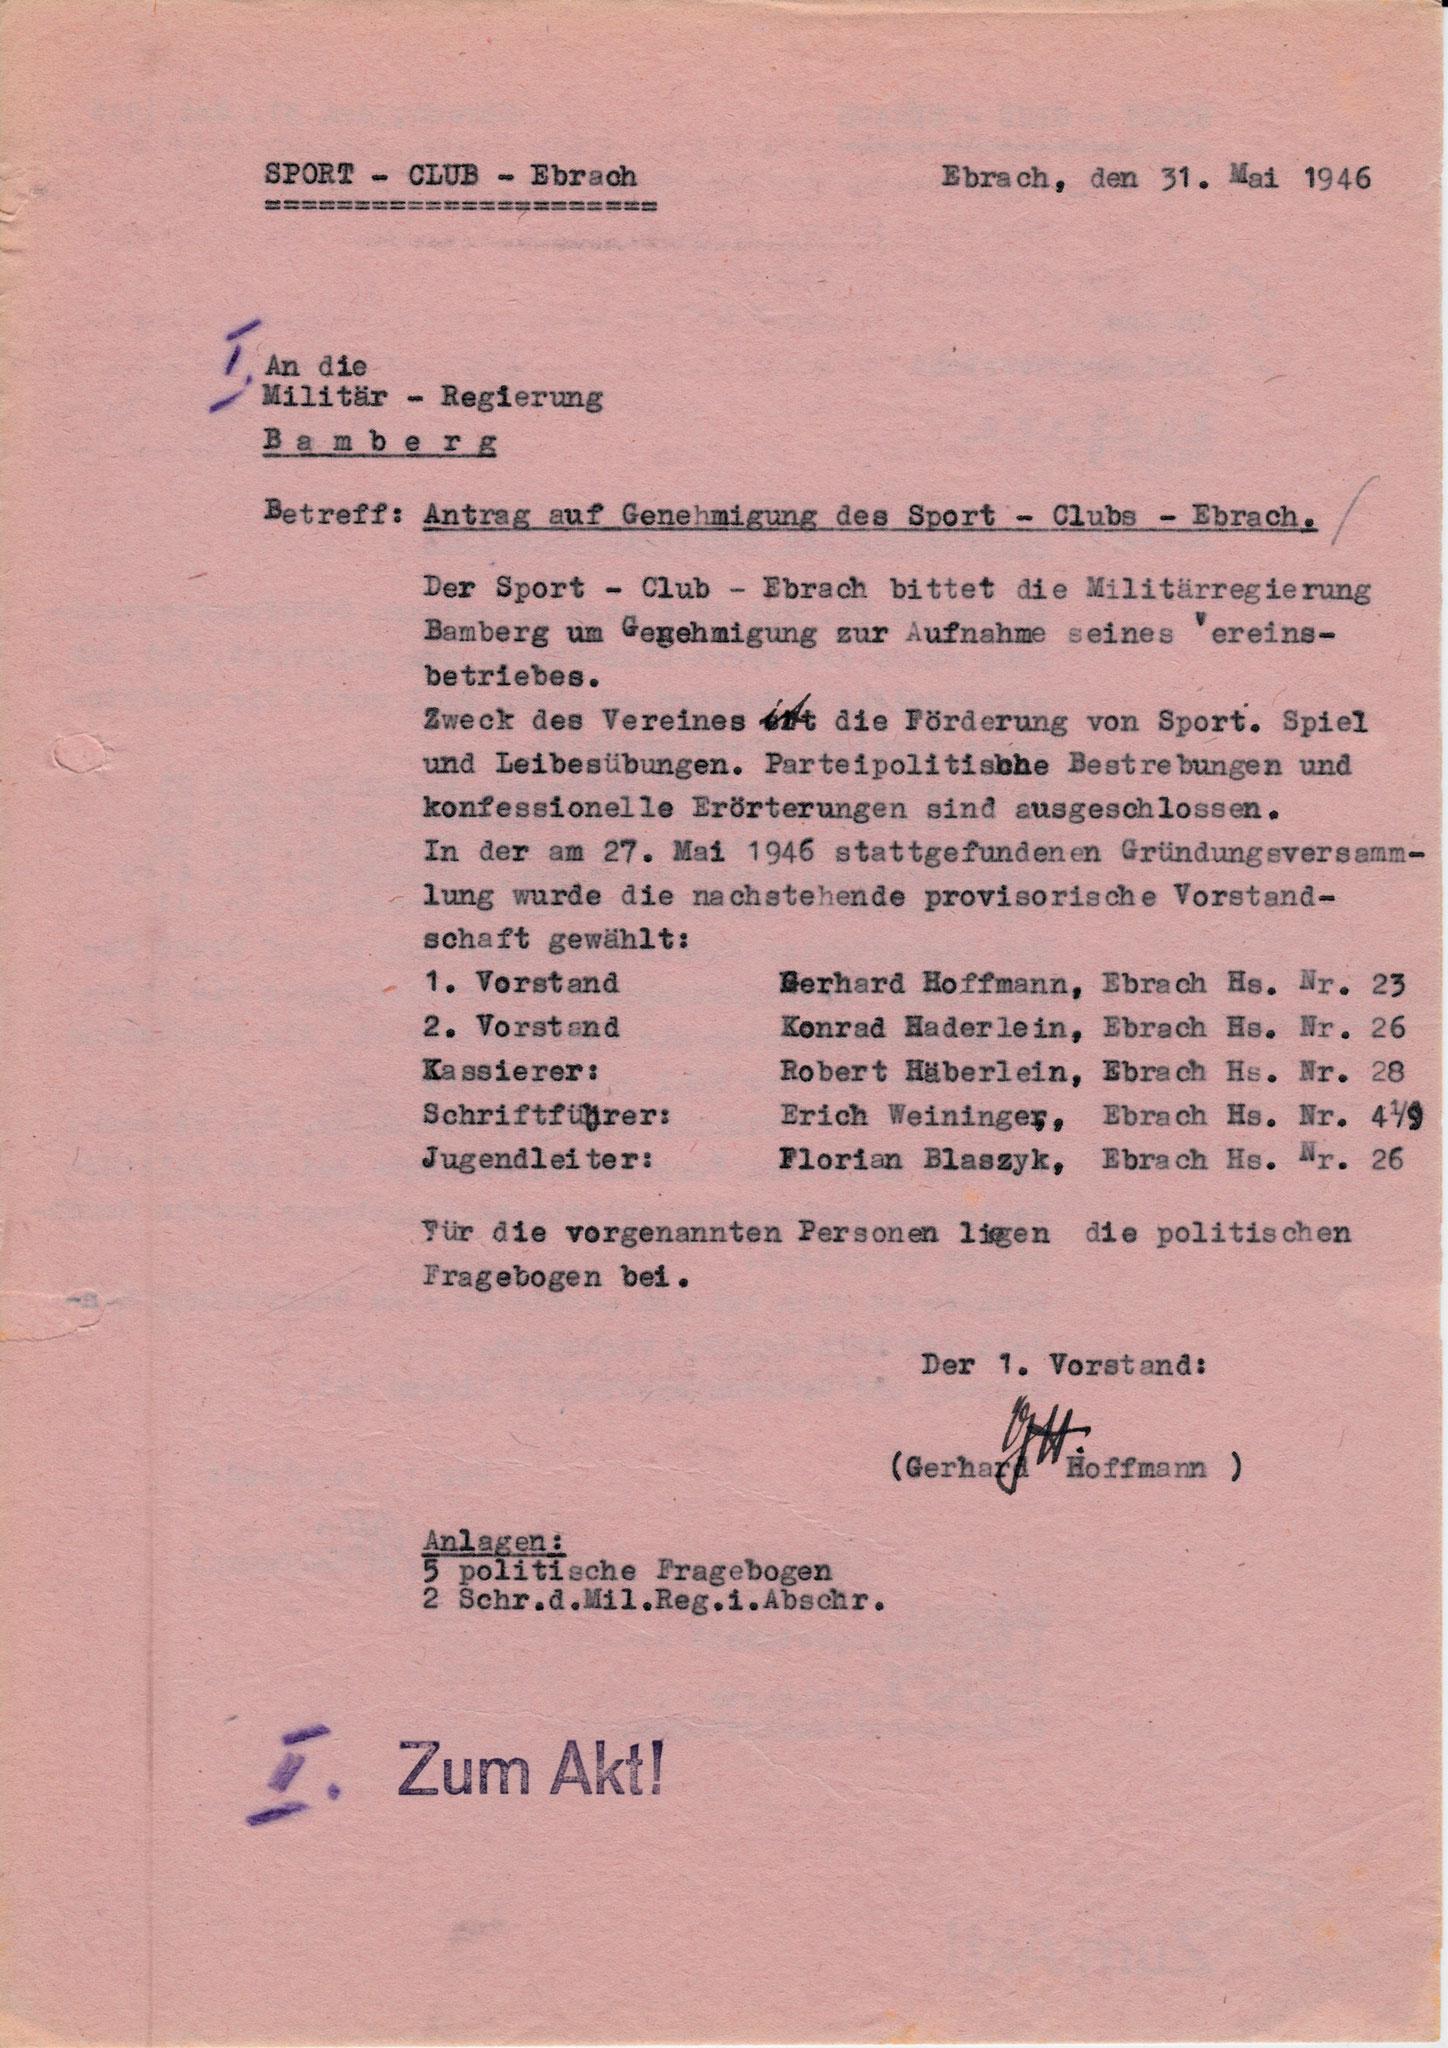 Wie konnten wir uns als Sportclub 1946 anmelden?